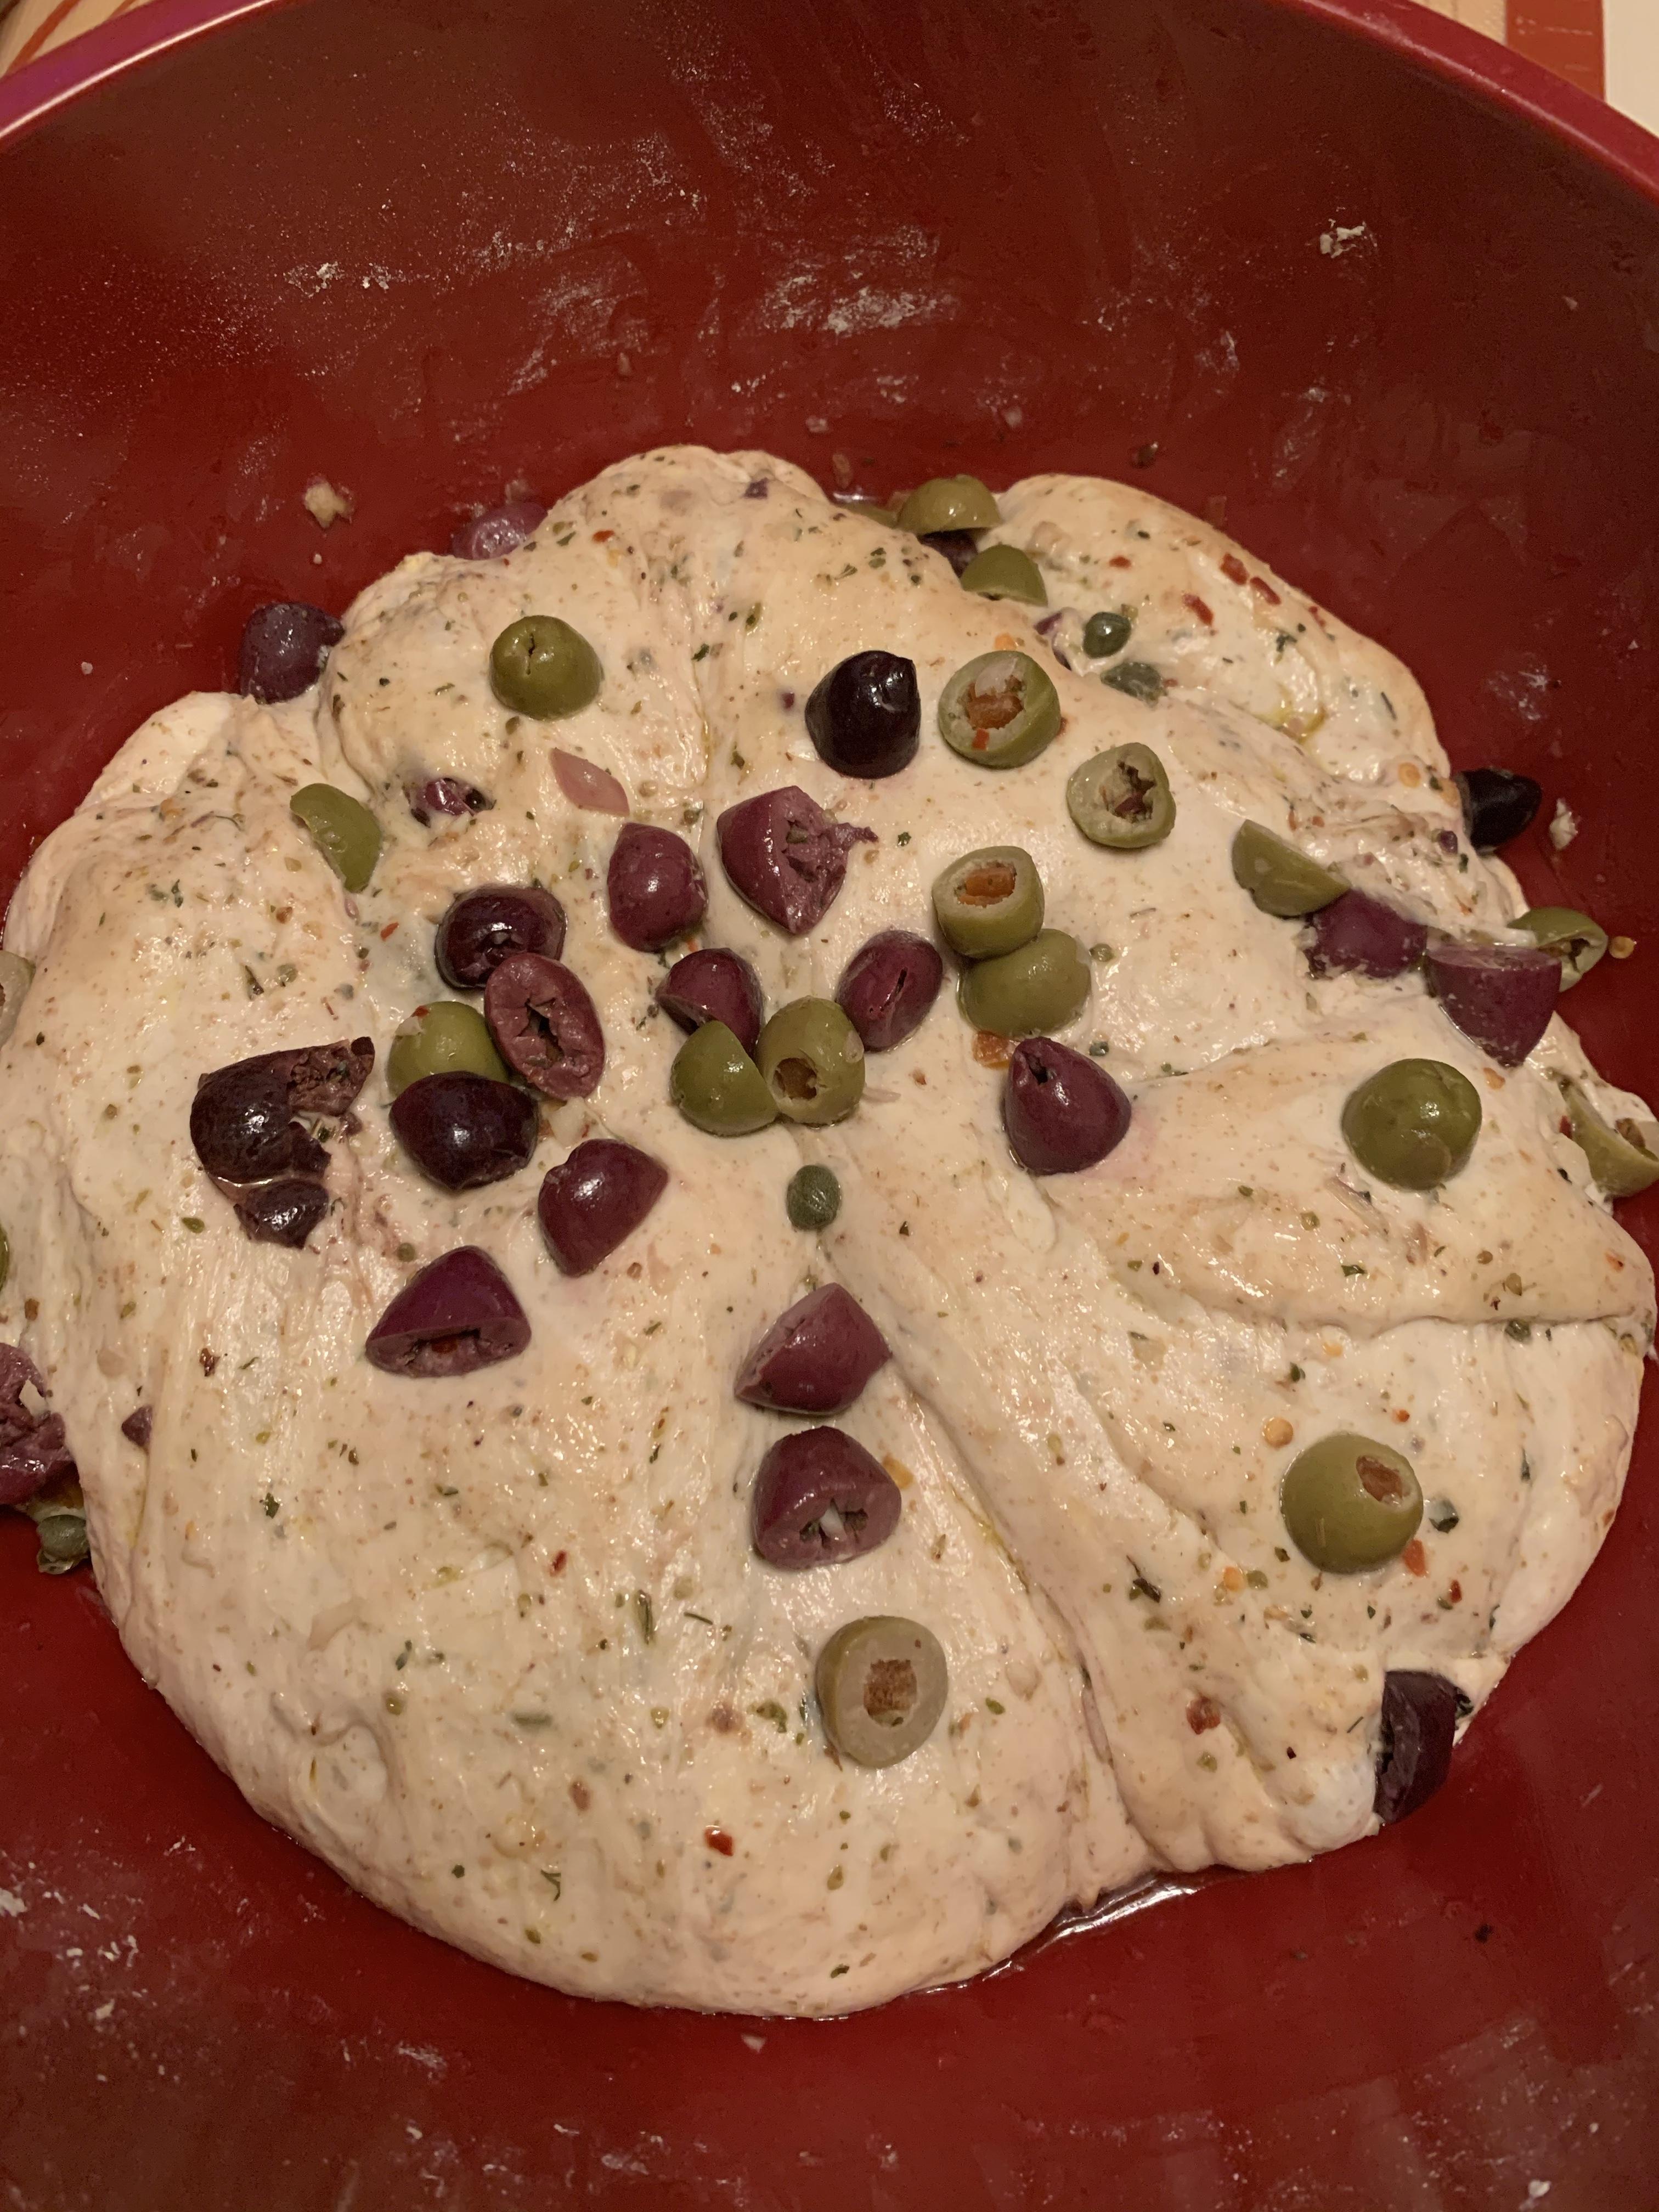 Dough, covered in olives, after bulk fermentation